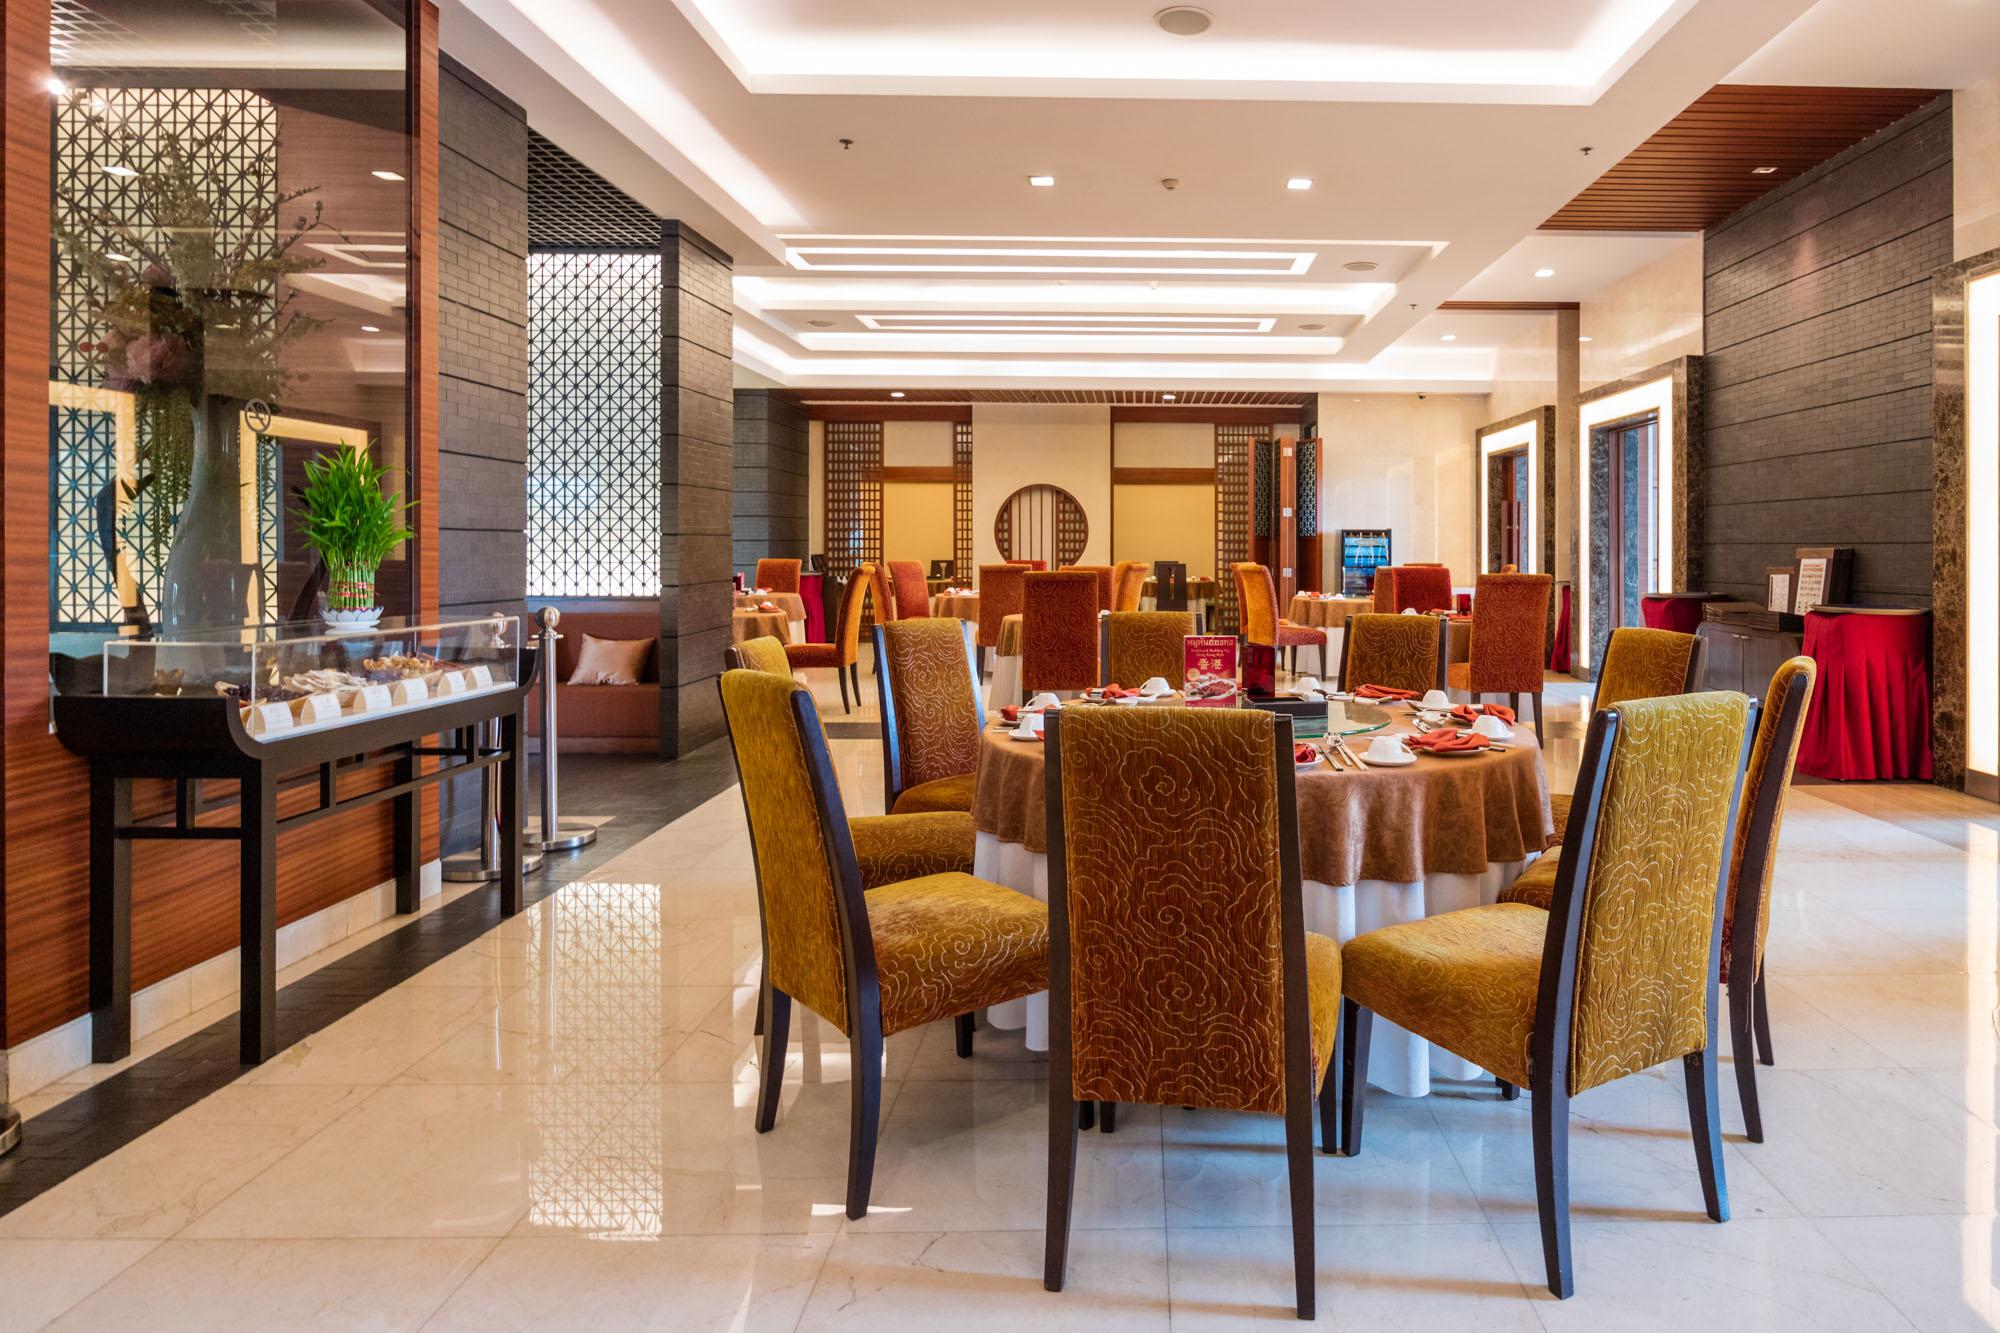 ห้องอาหารจีนหยู เห้อ สไตล์ฮ่องกง คุณภาพฮ่องเต้  ห้องอาหารจีนหยู เห้อ สไตล์ฮ่องกง คุณภาพฮ่องเต้ IMG 0002 1